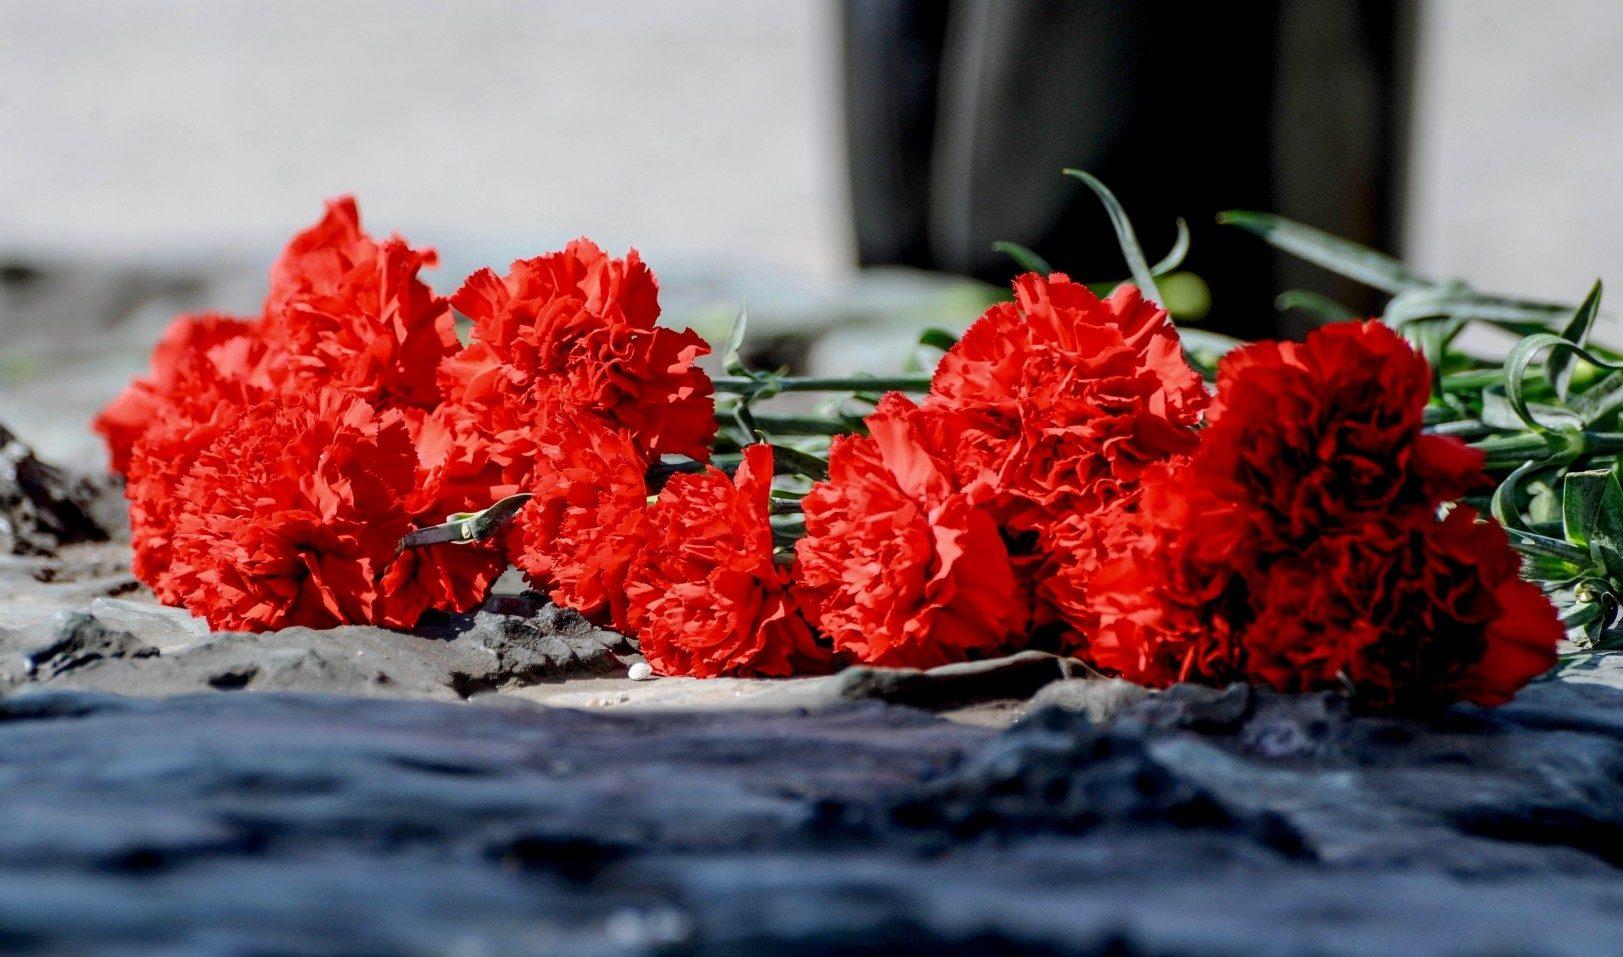 Школьники Верхневолжья вырастят цветы в честь 75-летия Победы